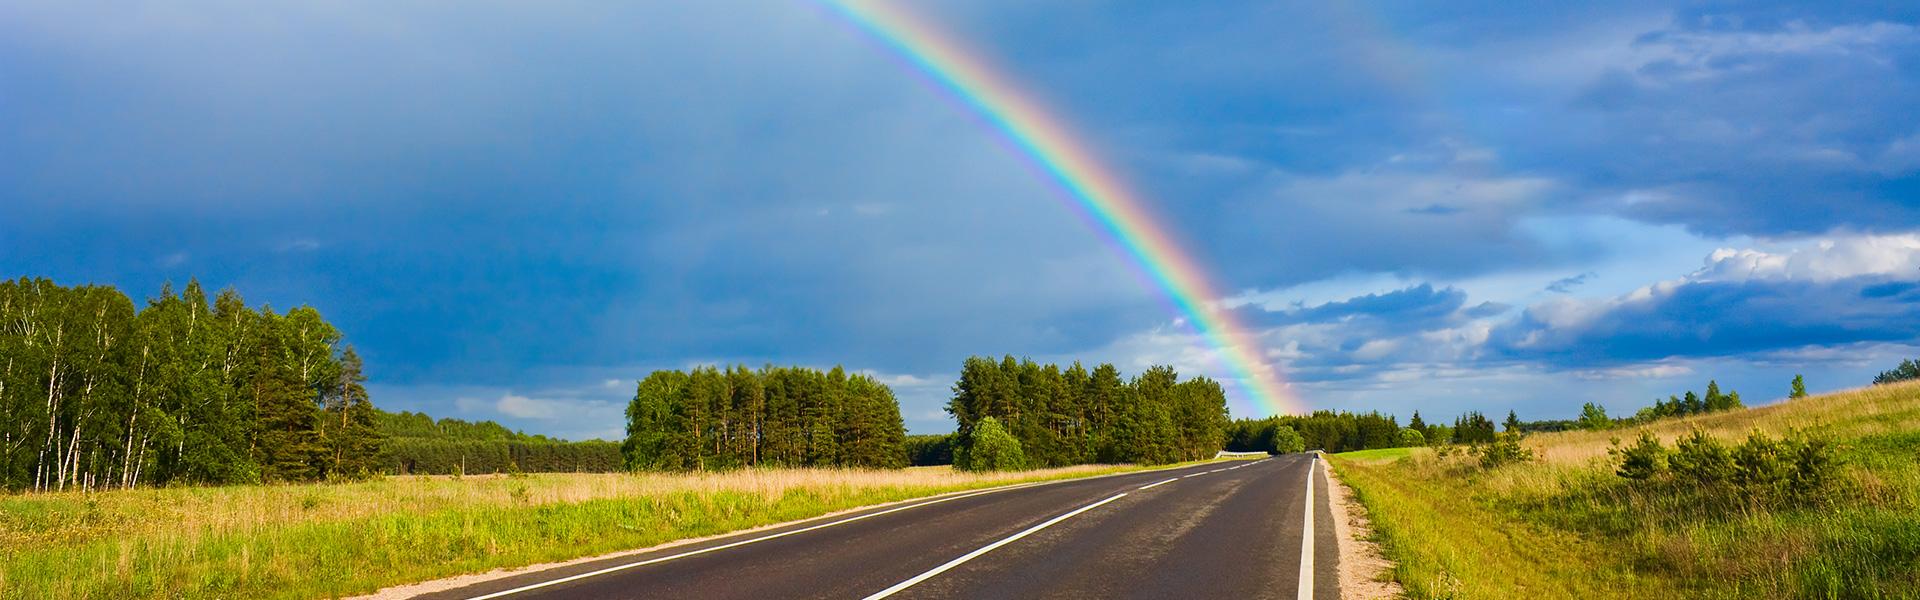 slide 4 rainbow 3058881